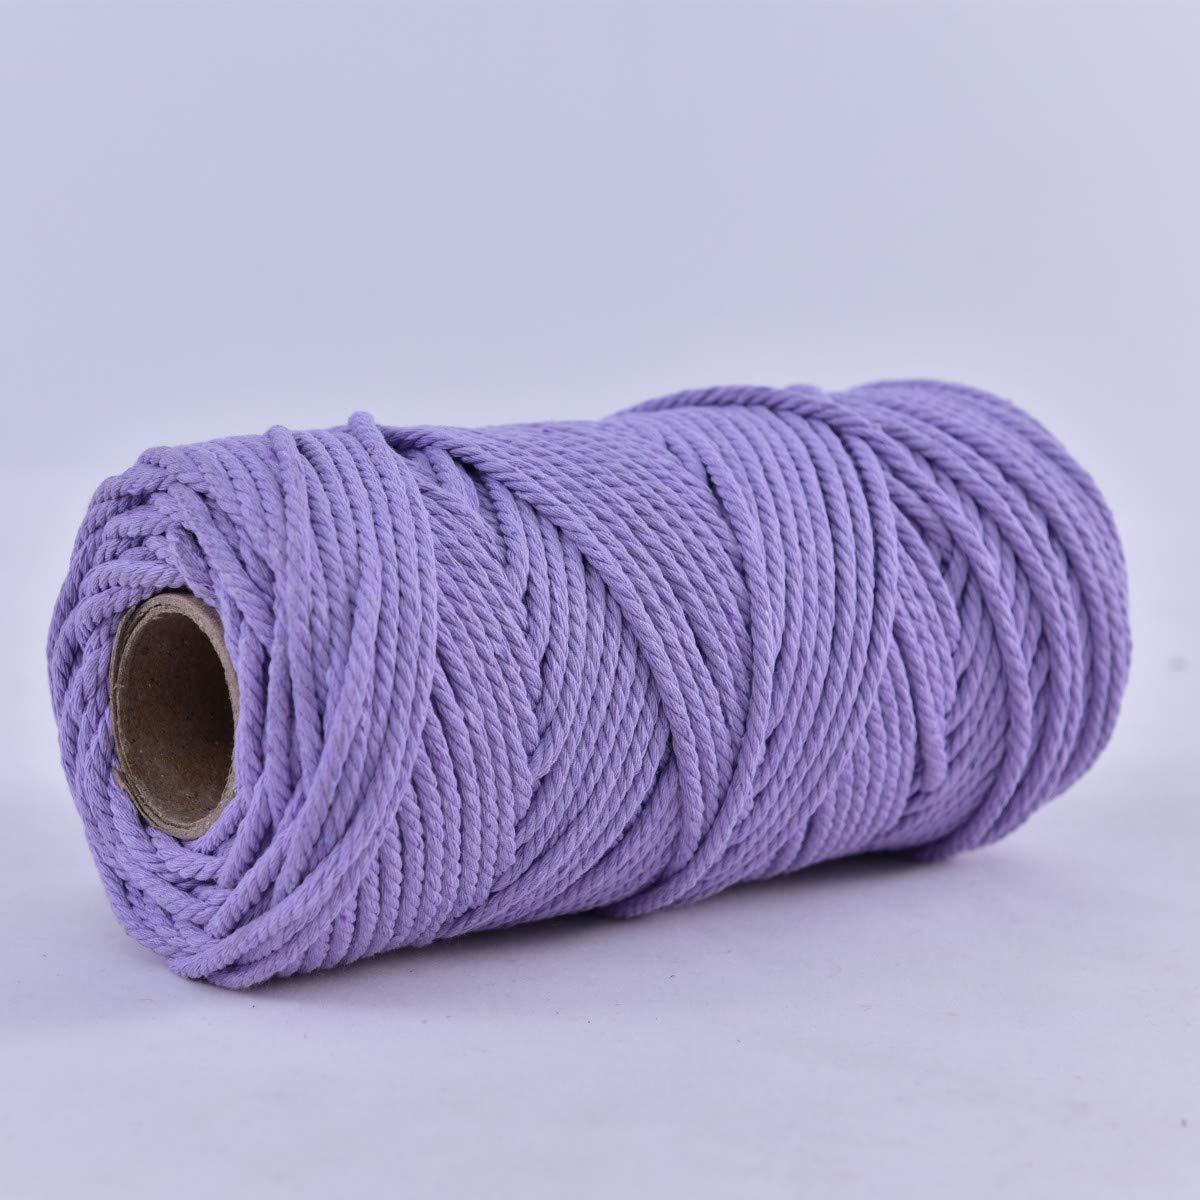 Binwat - Bobina de cuerda de algodón natural para macramé. Para hacer manualidades, colgar cosas en la pared, colgar plantas, tejer, proyectos decorativos, etc. 4 mm, 100 m, Morado claro., 4mm x100m: